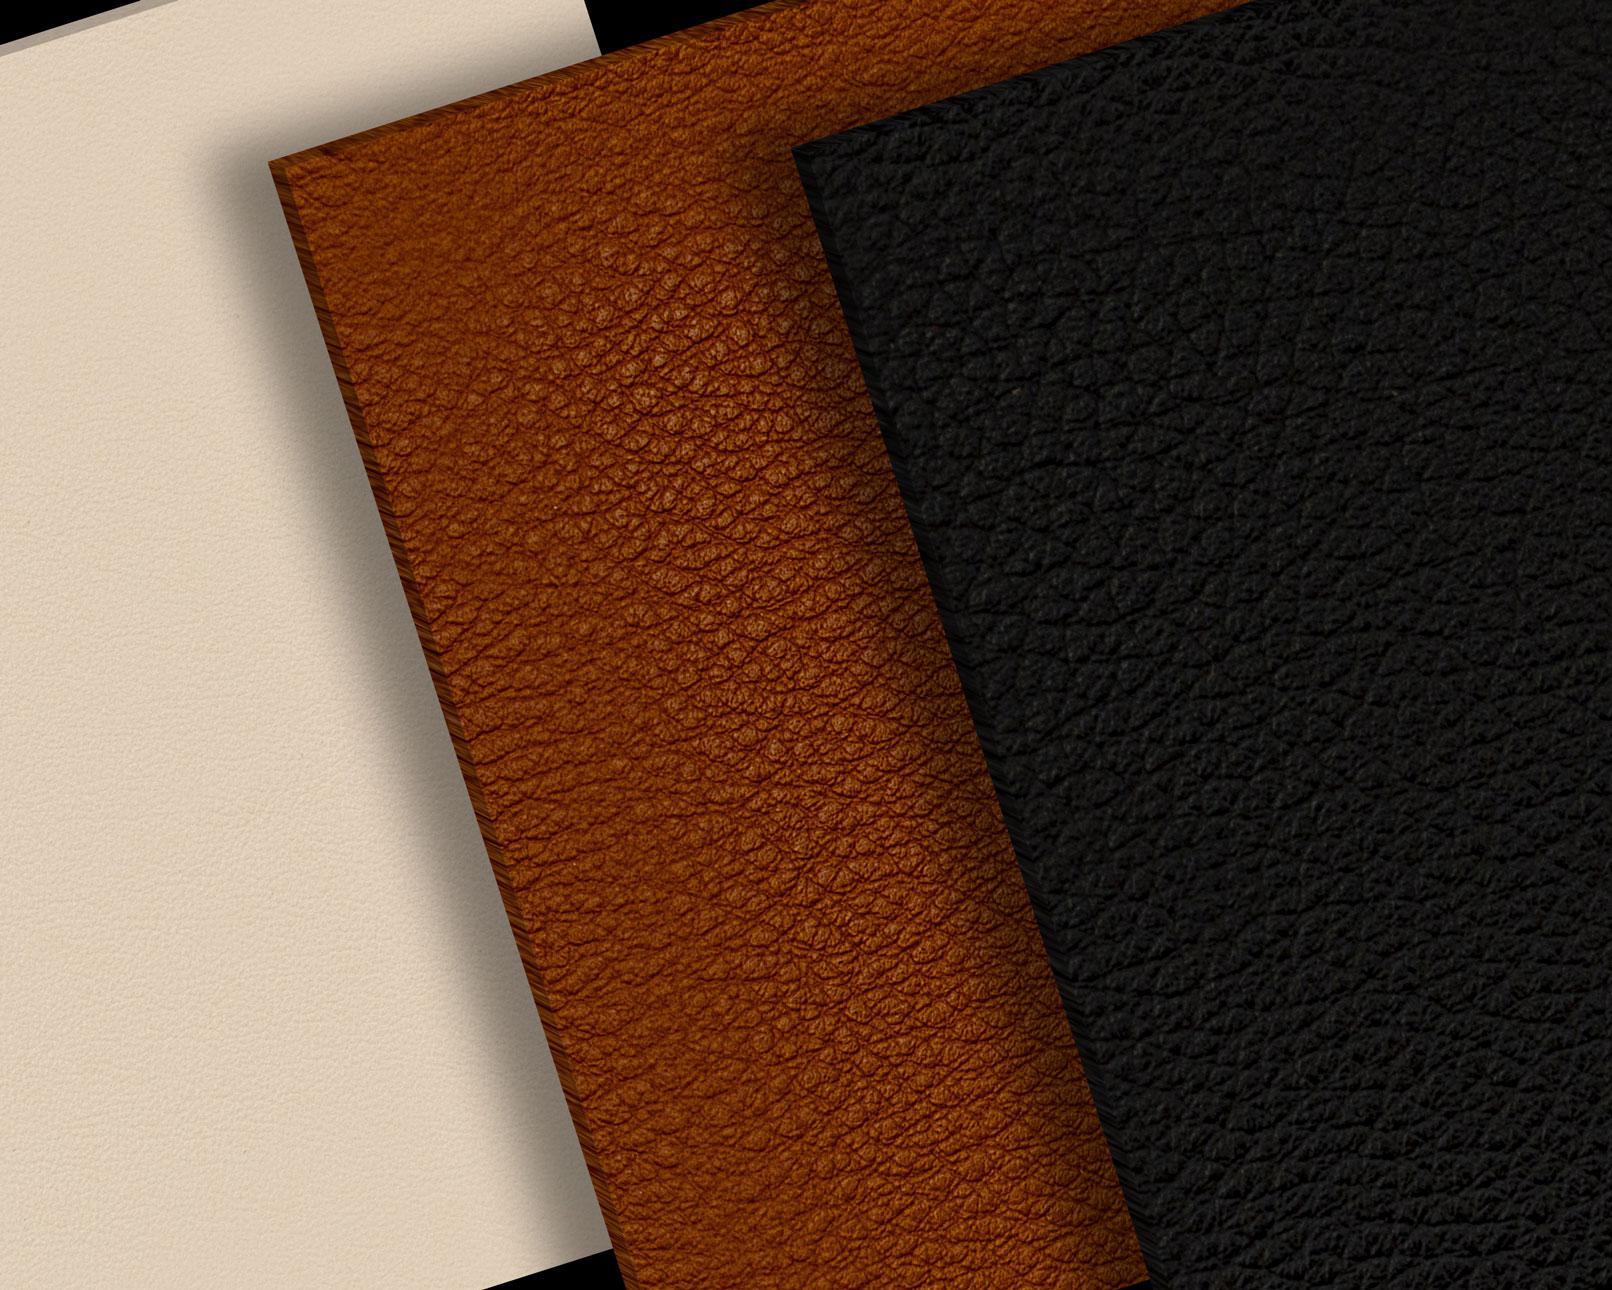 Leder-Texturen in verschiedenen Farben und mit unterschiedlicher Struktur